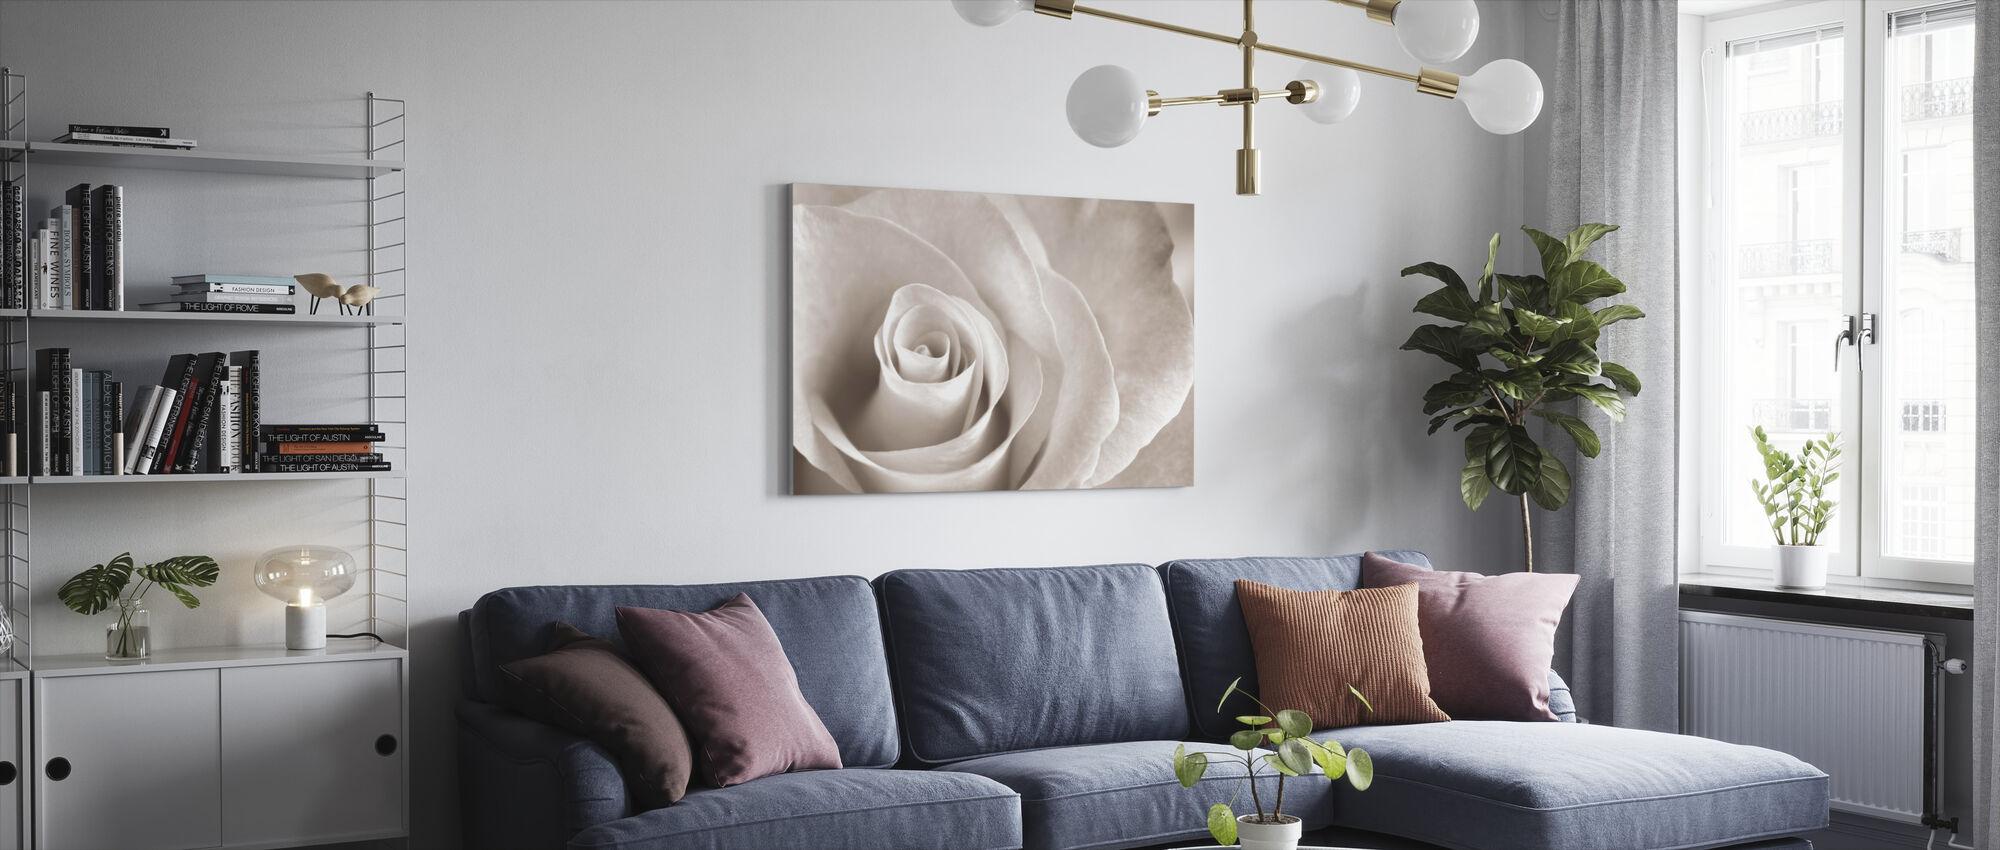 Soft Rose - Sepia - Canvas print - Living Room